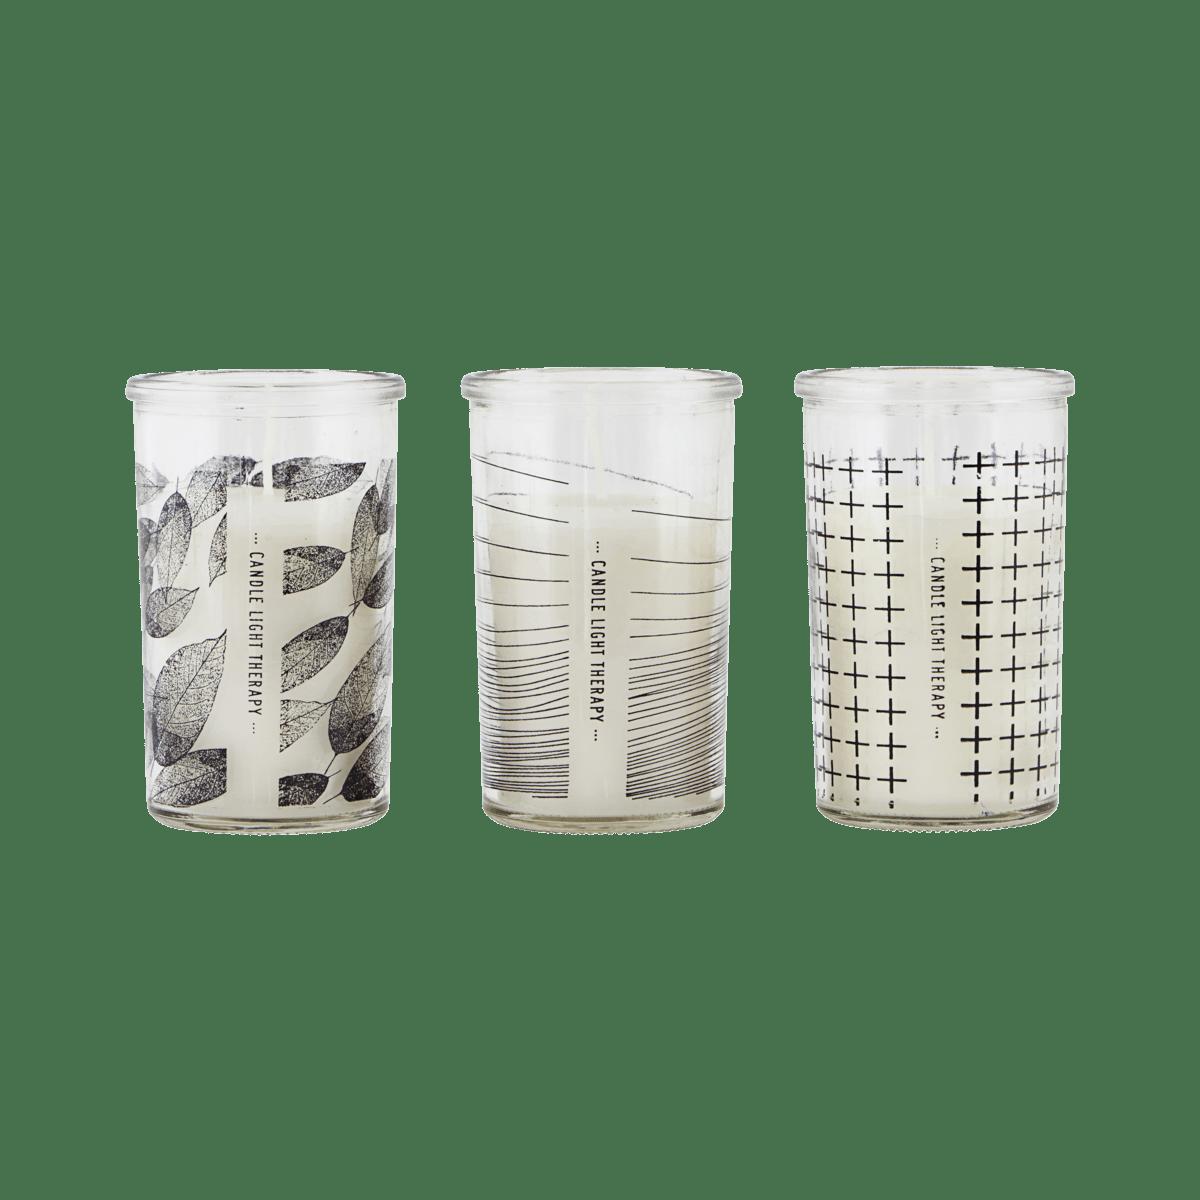 Set 6 svíček Graphic - set 3 druhů